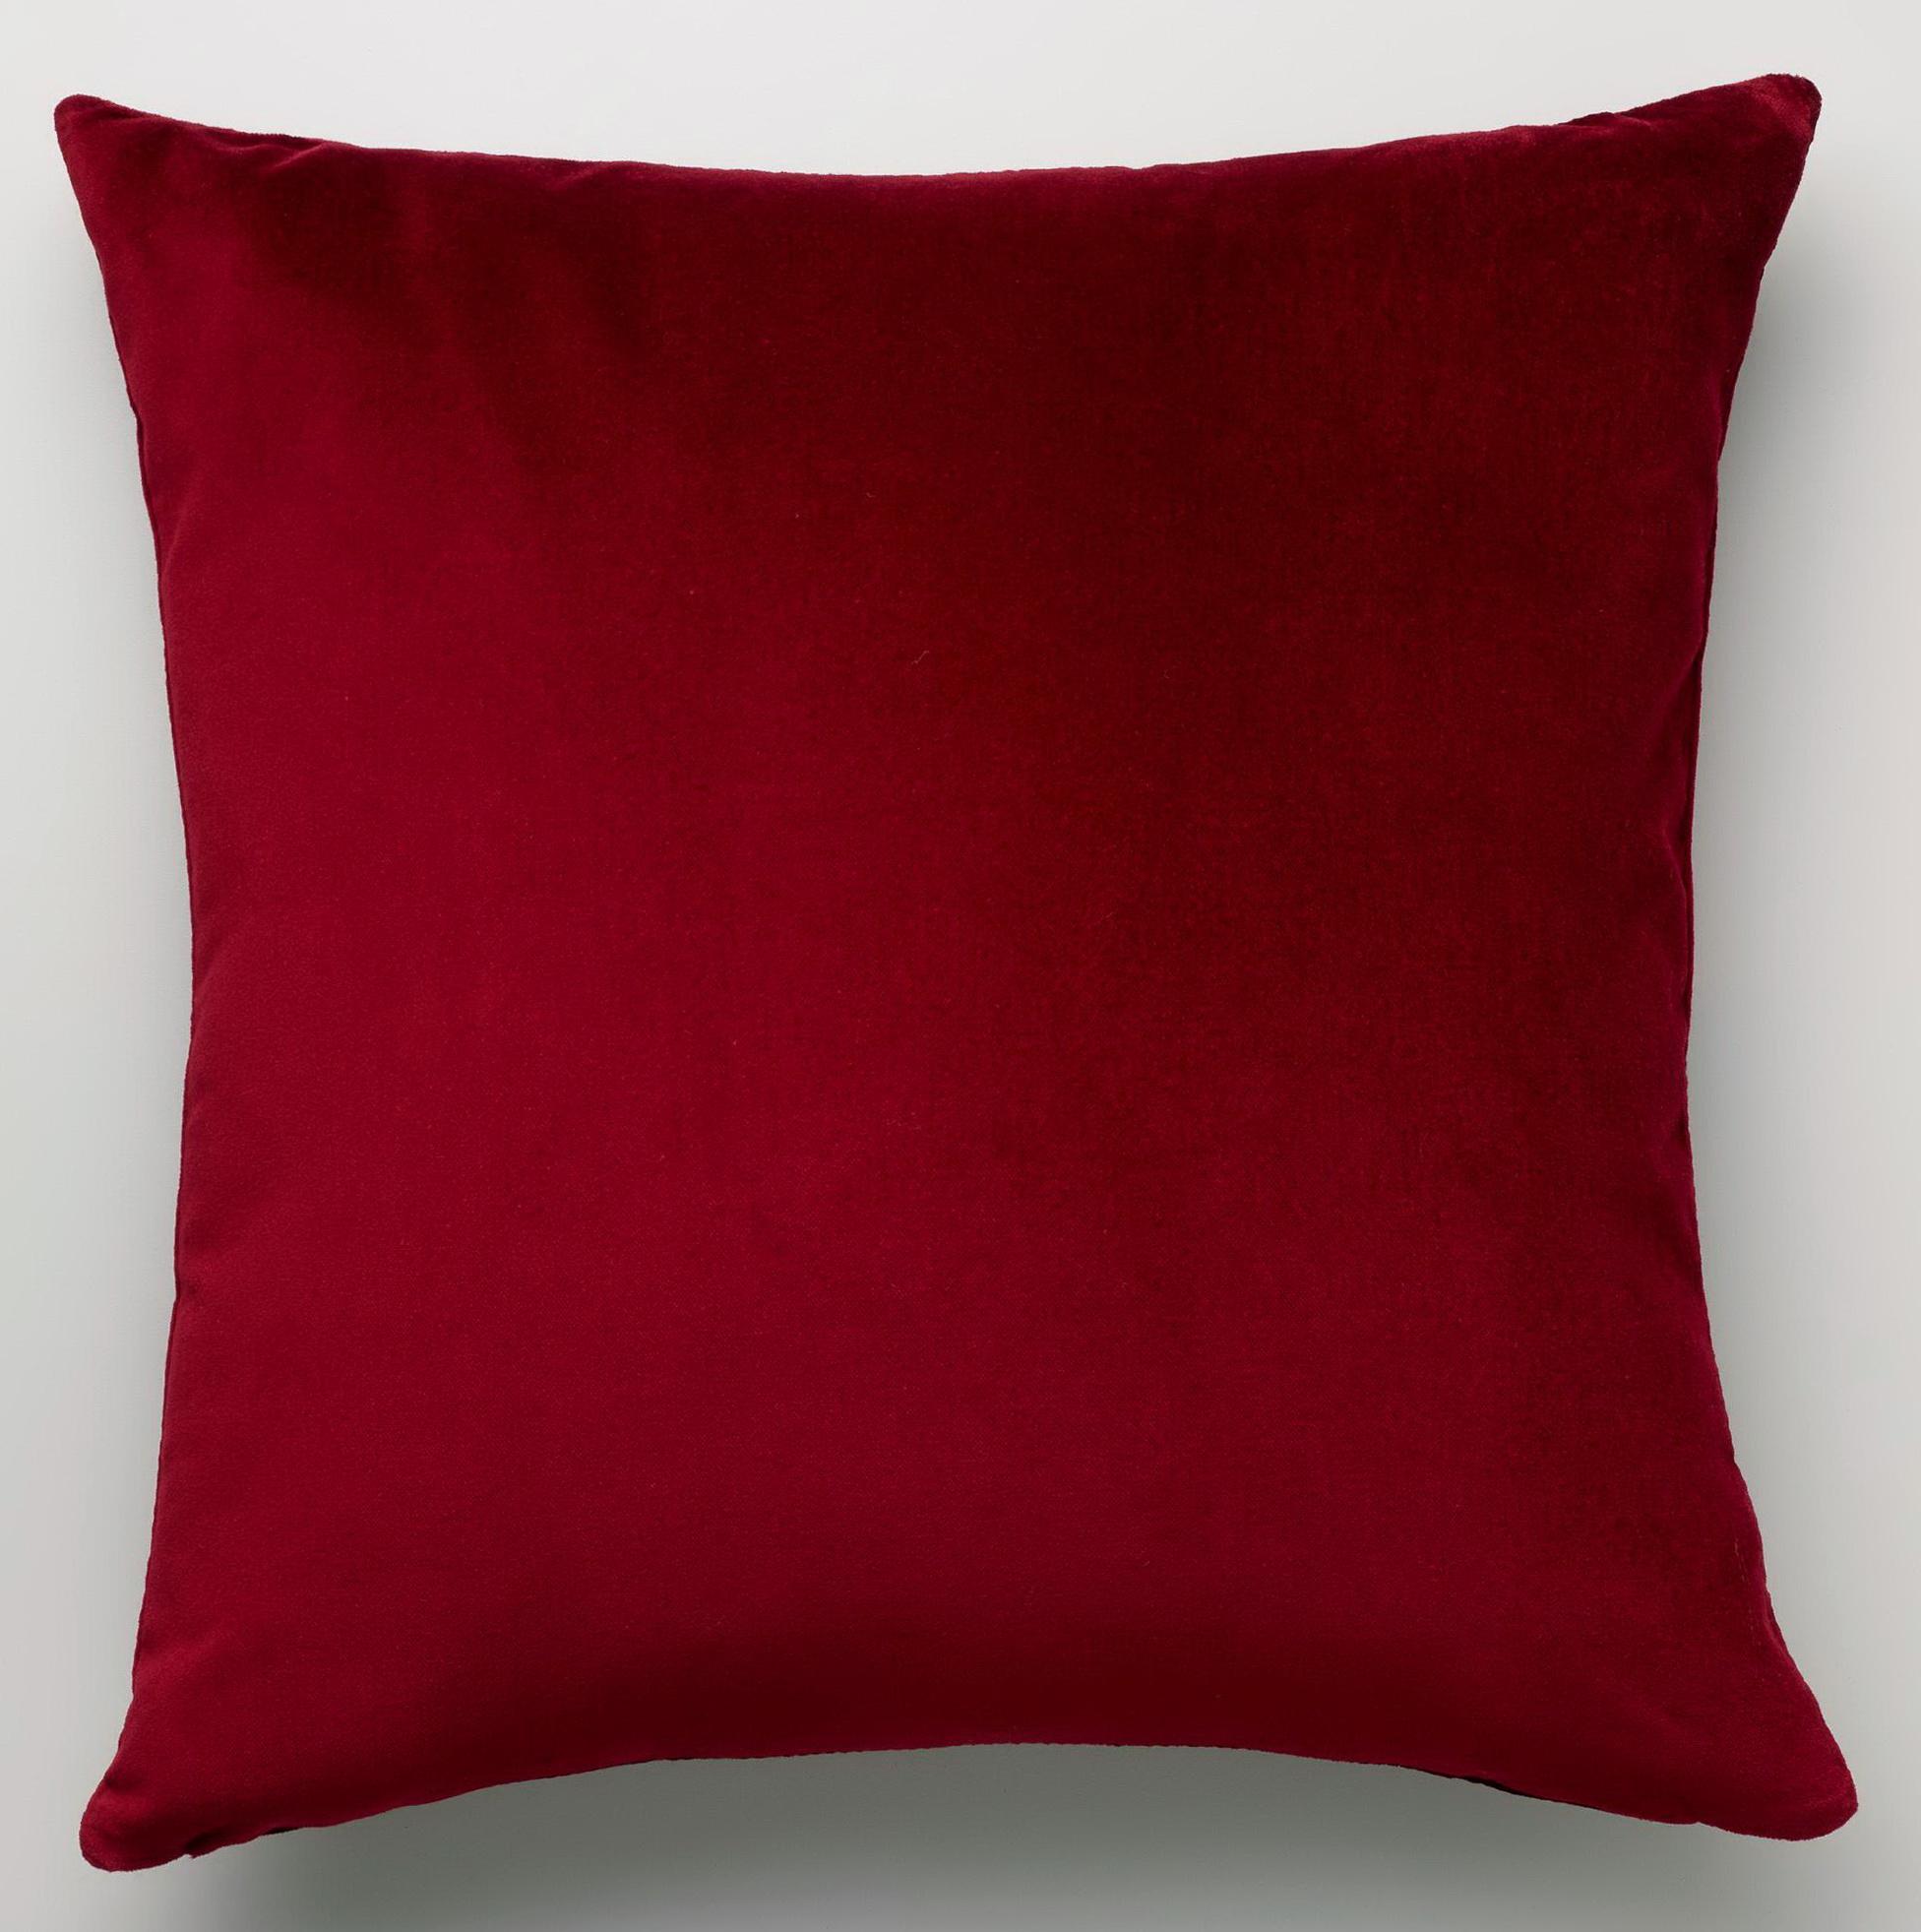 Cheap Outdoor Cushions 24x24